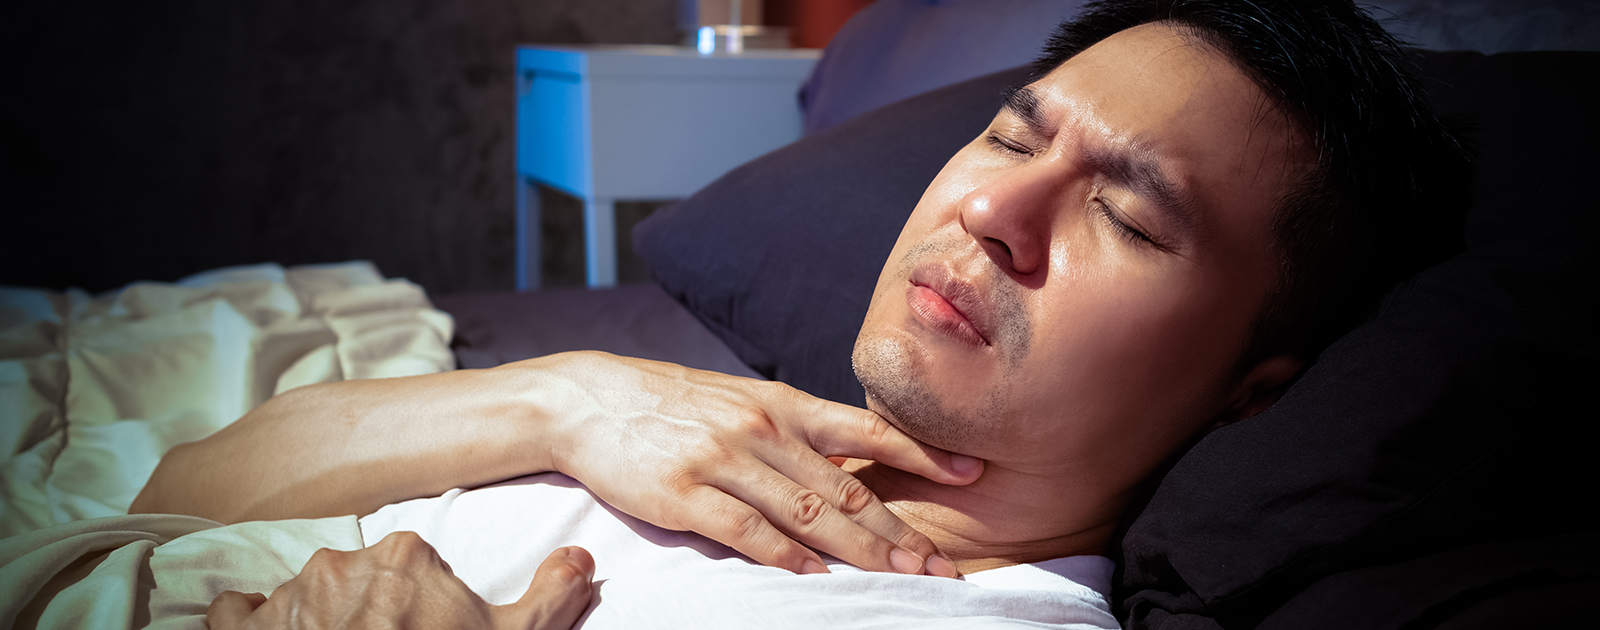 Mann liegt im Bett und hält die Hand an den Hals – er leidet unter nächtlichem Sodbrennen.